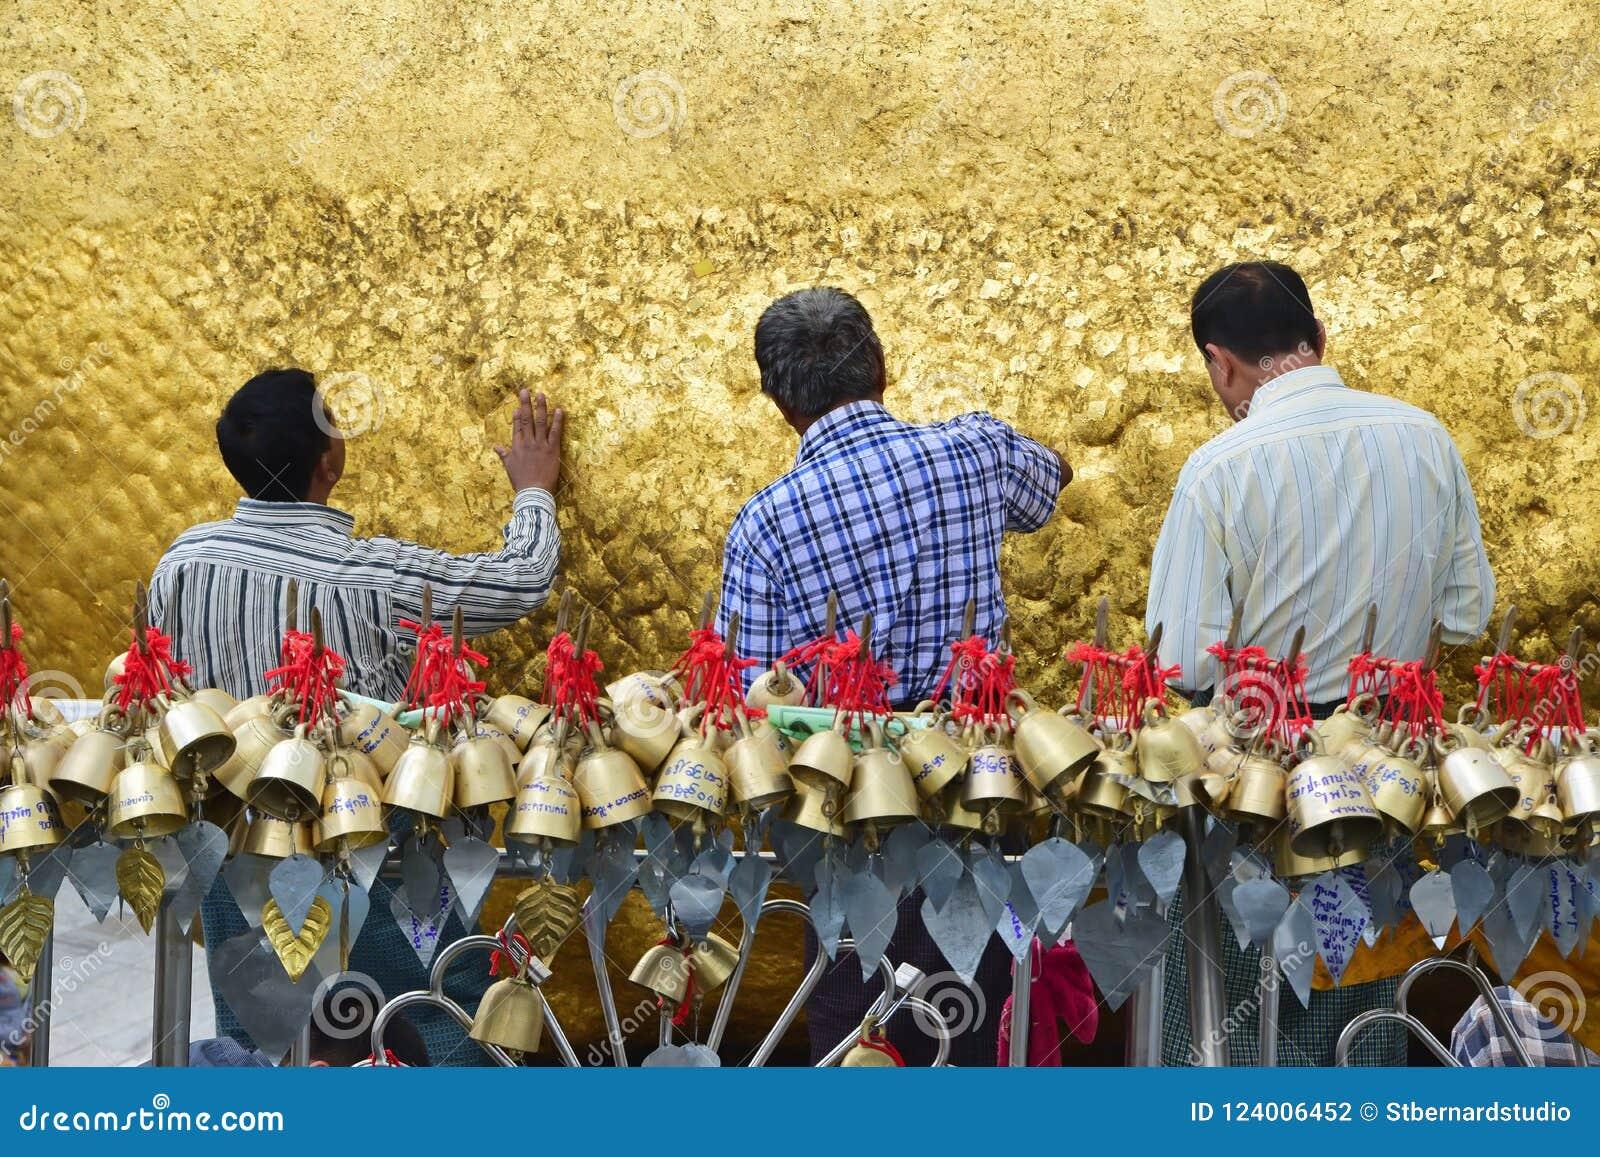 Drie Pelgrims die gouden foliesbladeren samen op gouden rots kleven bij de Kyaiktiyo-Pagode met kleine klokken in voorgrond